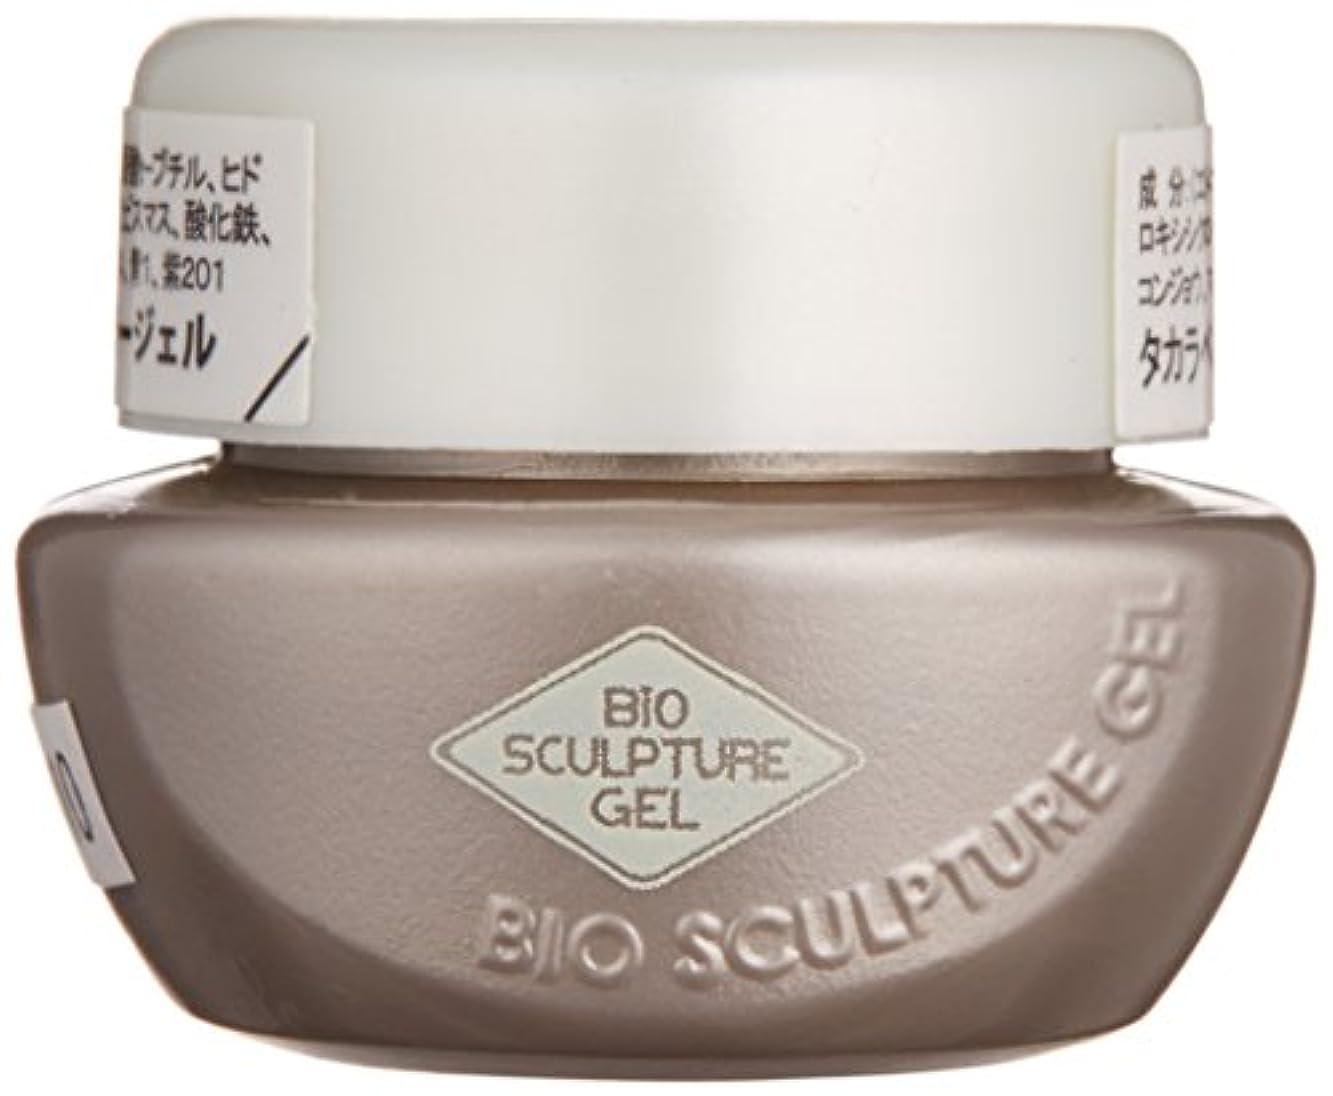 またねゆり立方体Bio Sculpture カラージェル #83 4.5g Caribbean Tan BI-GC 83K